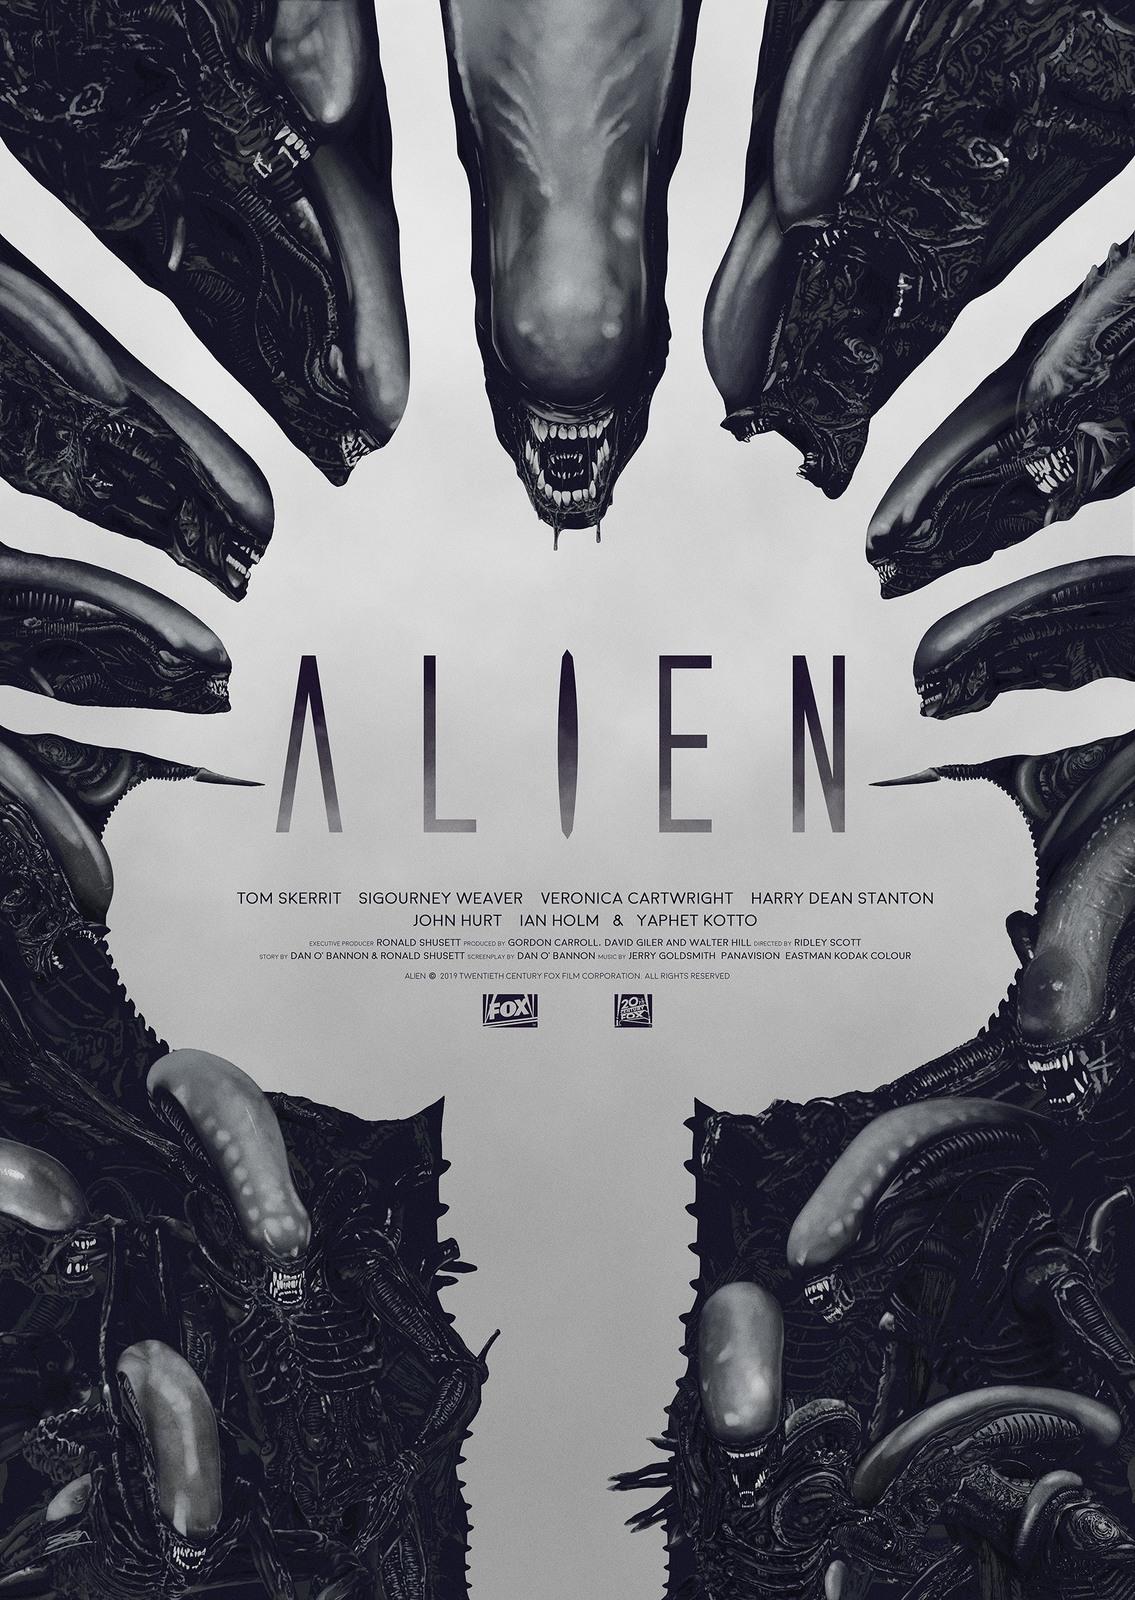 Alien: Premium Art Print - Face Hugger image